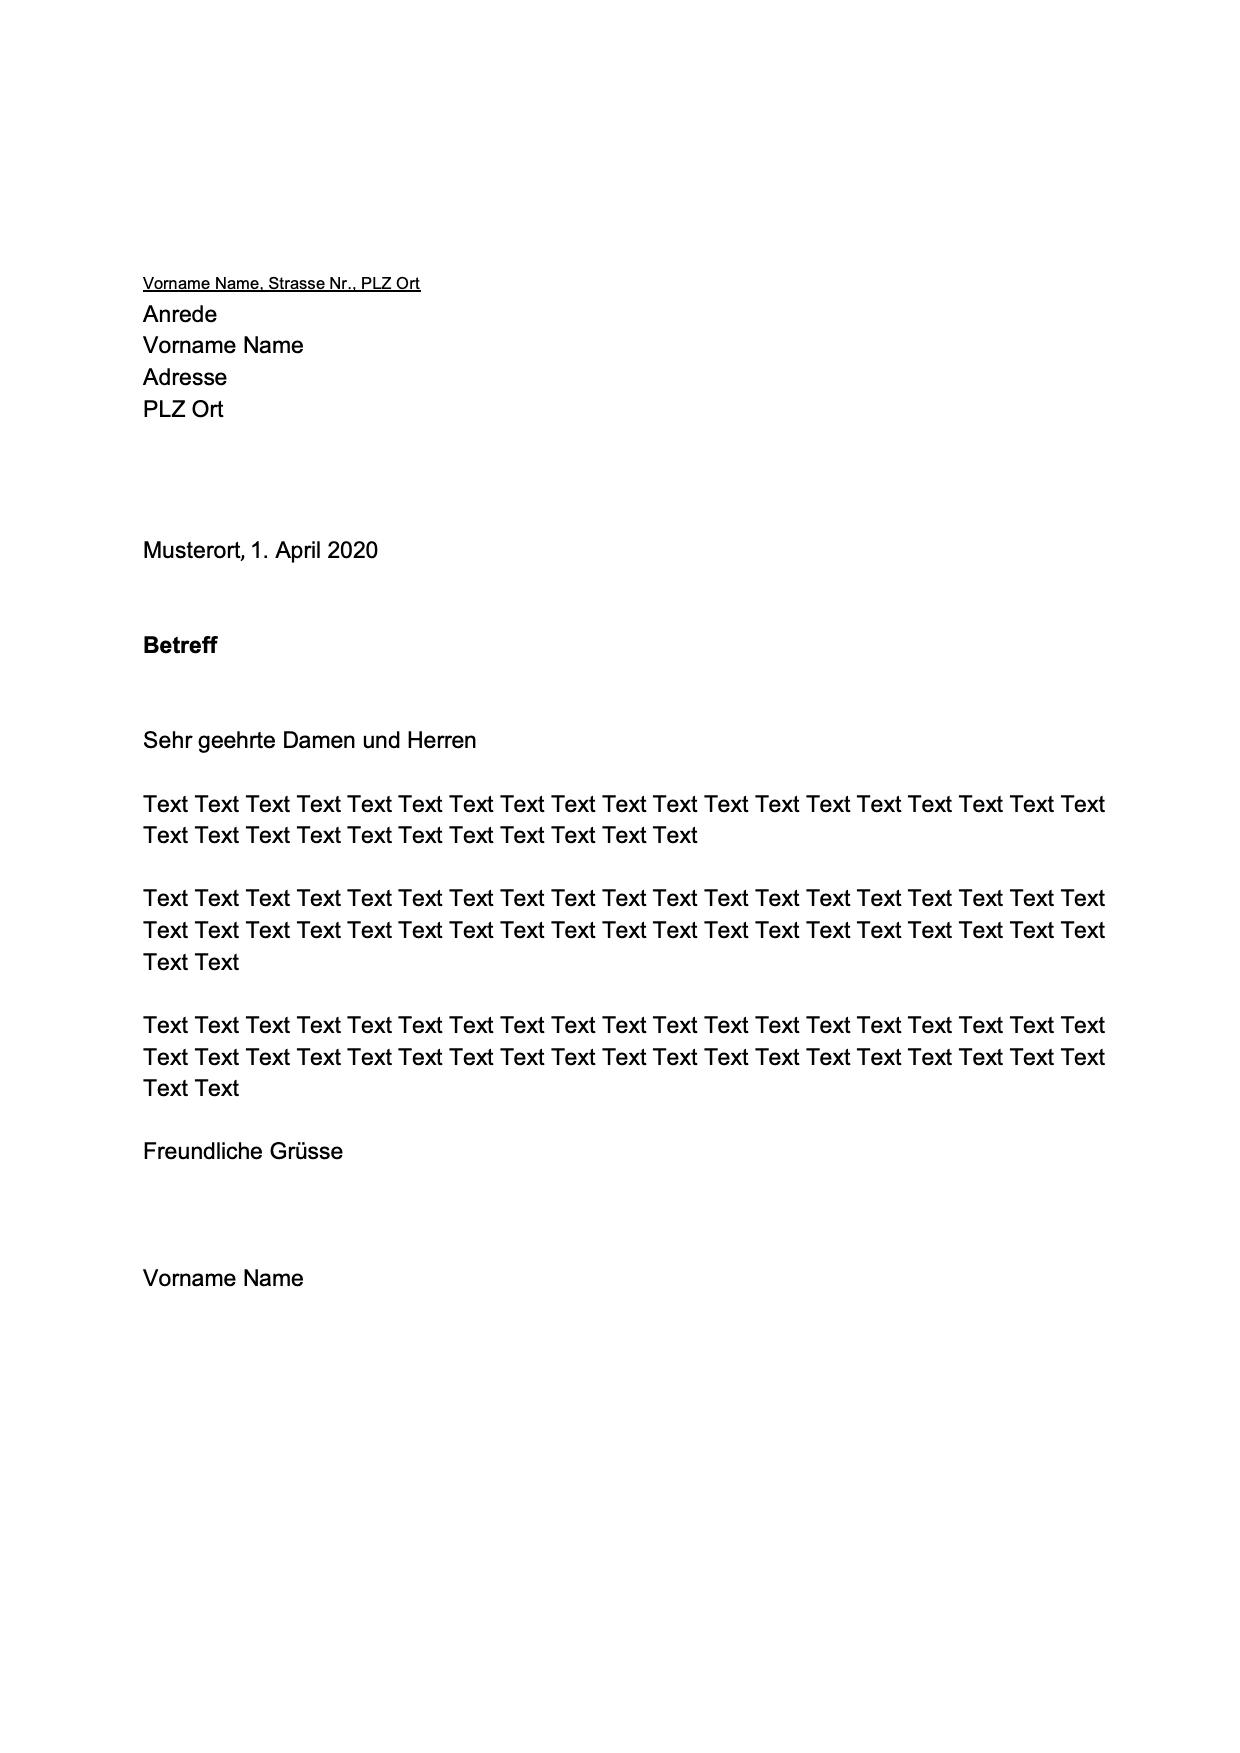 Din 5008 Musterbrief Vorlage Pdf Word Download 15